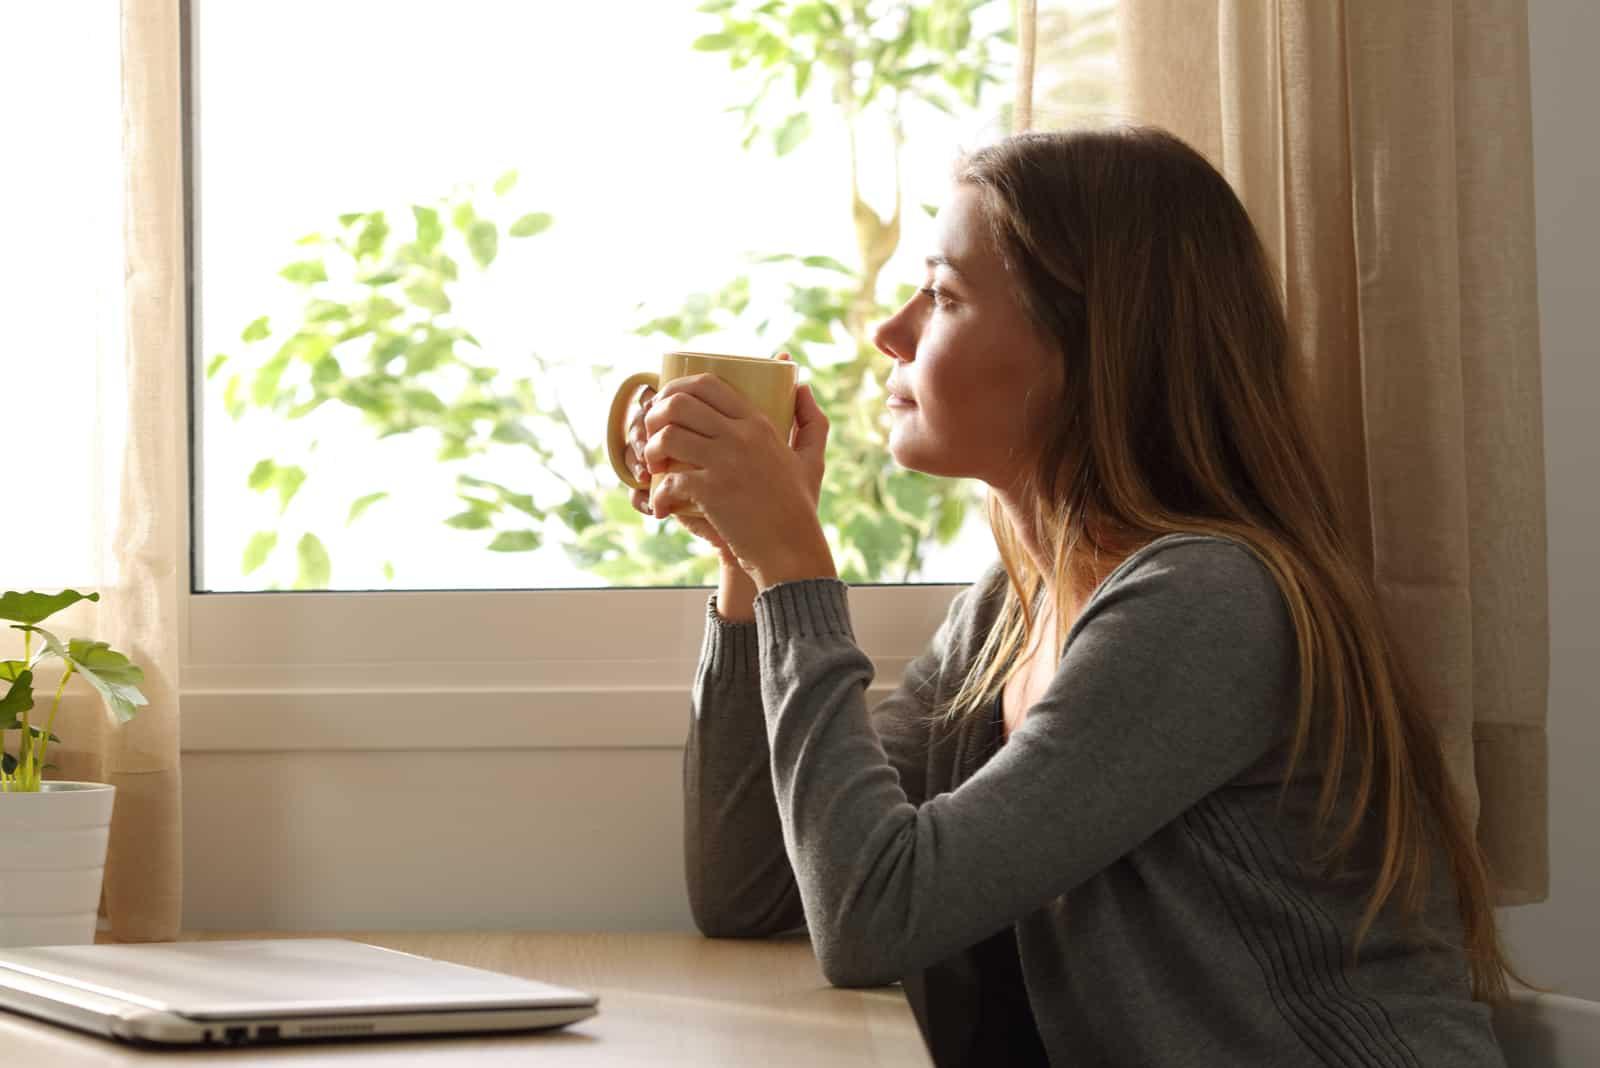 la femme est assise seule à table et boit du café